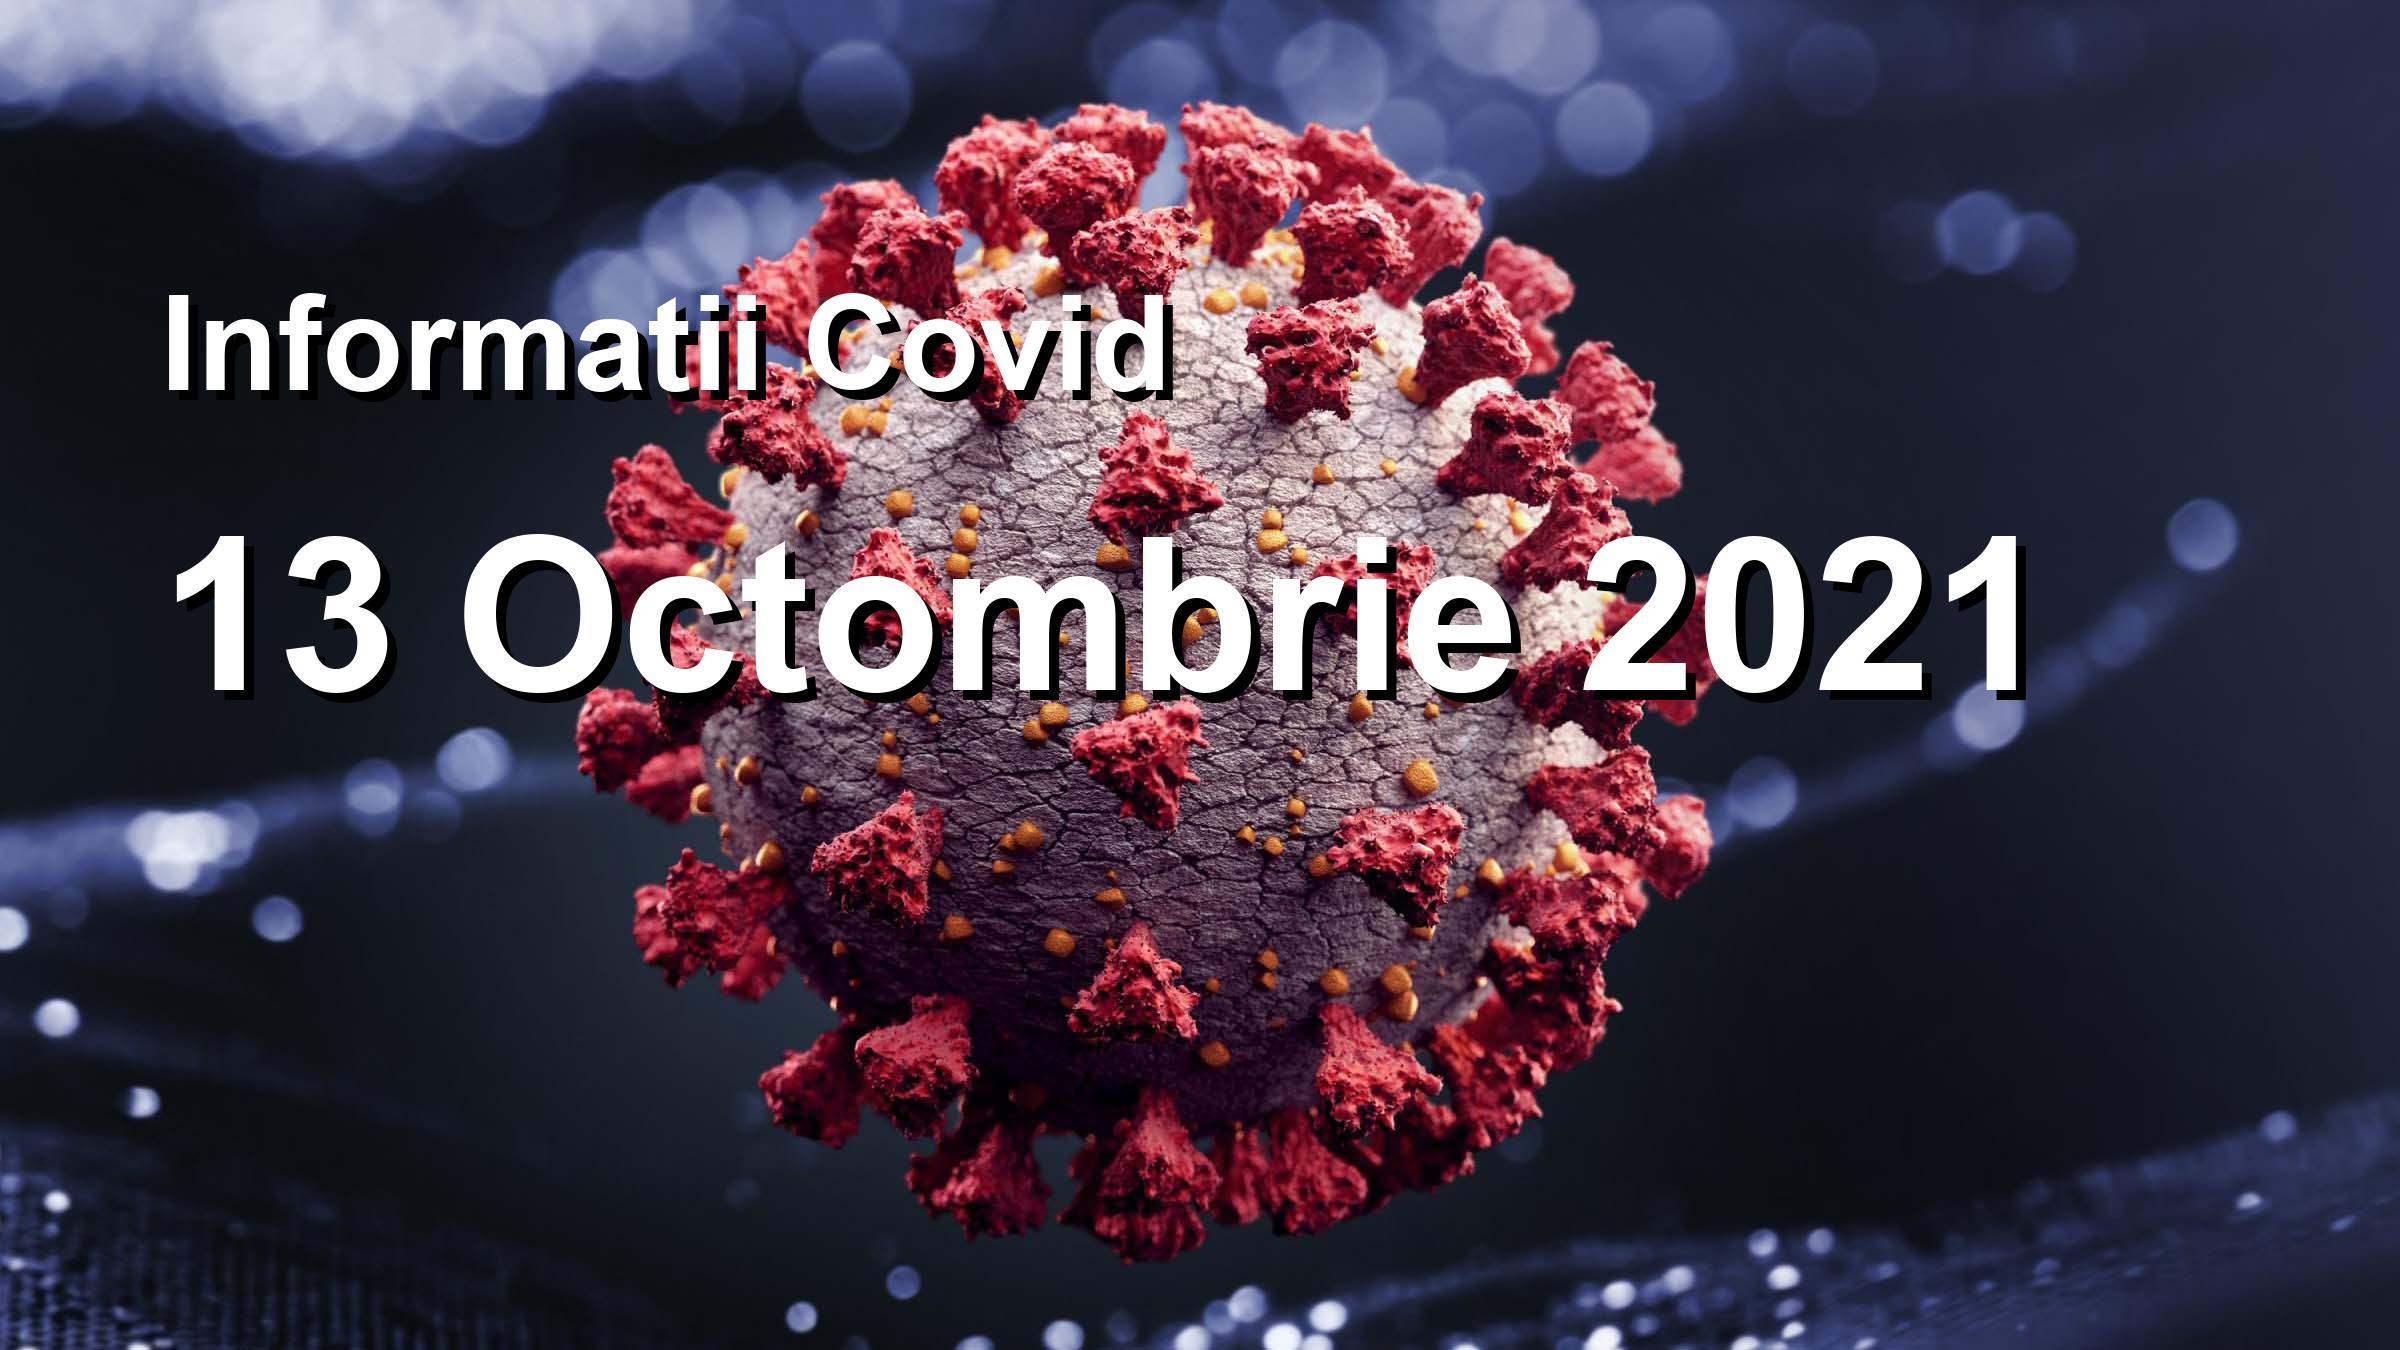 Informatii Covid-19 pentru 13 Octombrie 2021: 15733 infectari, 69845 teste. | Coronavirus Romania